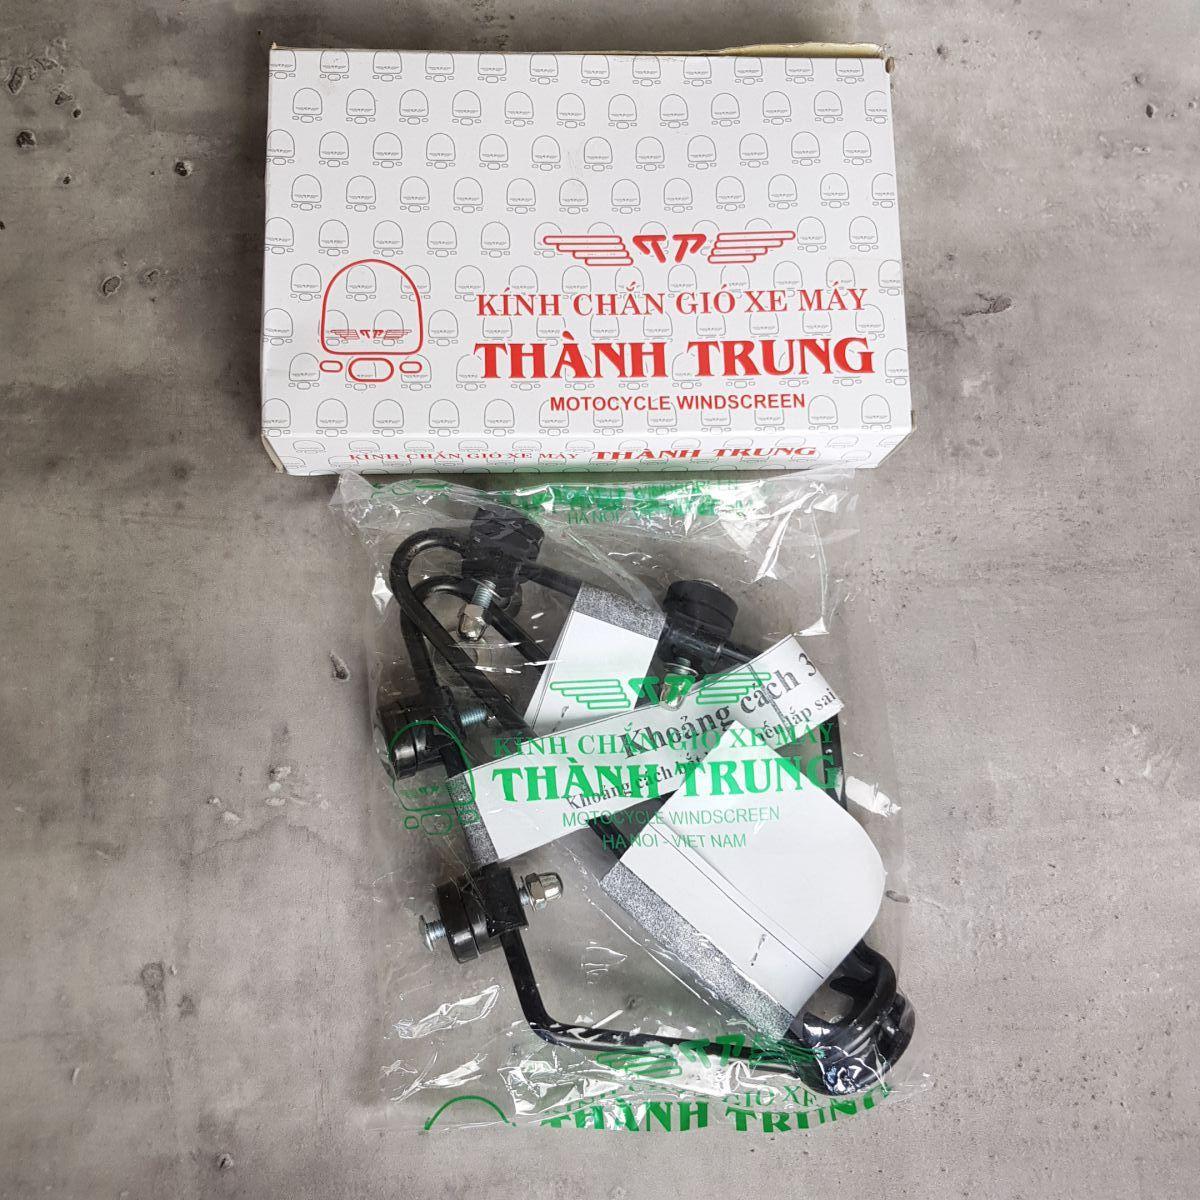 Kinh-chan-gio-xe-may-Vision-thuong-hieu-Thanh-Trung-10(1)